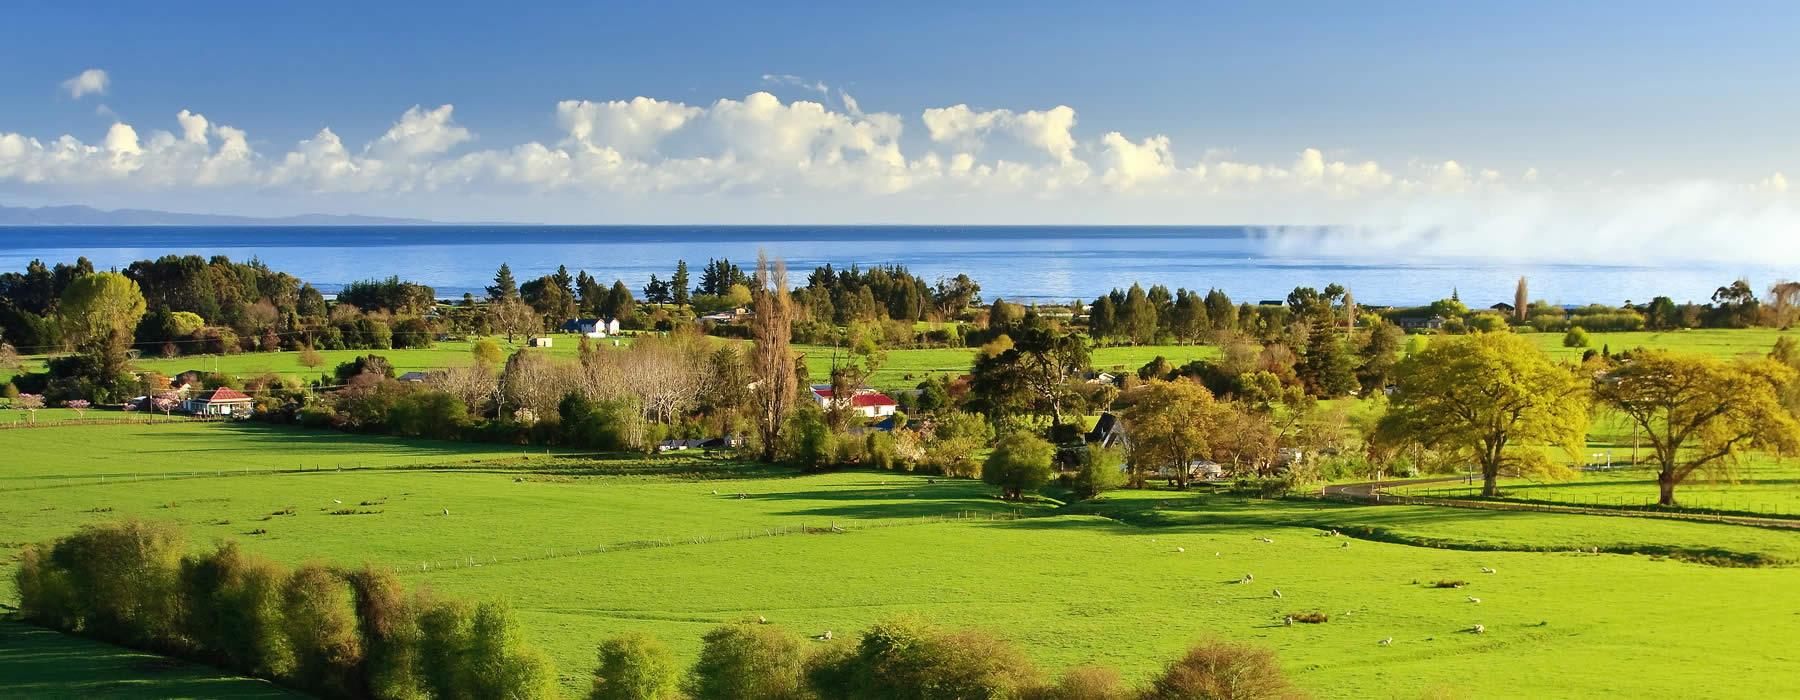 Загородный отдых в Ленобласти и Карелии - загородный отдых с Едем Загород